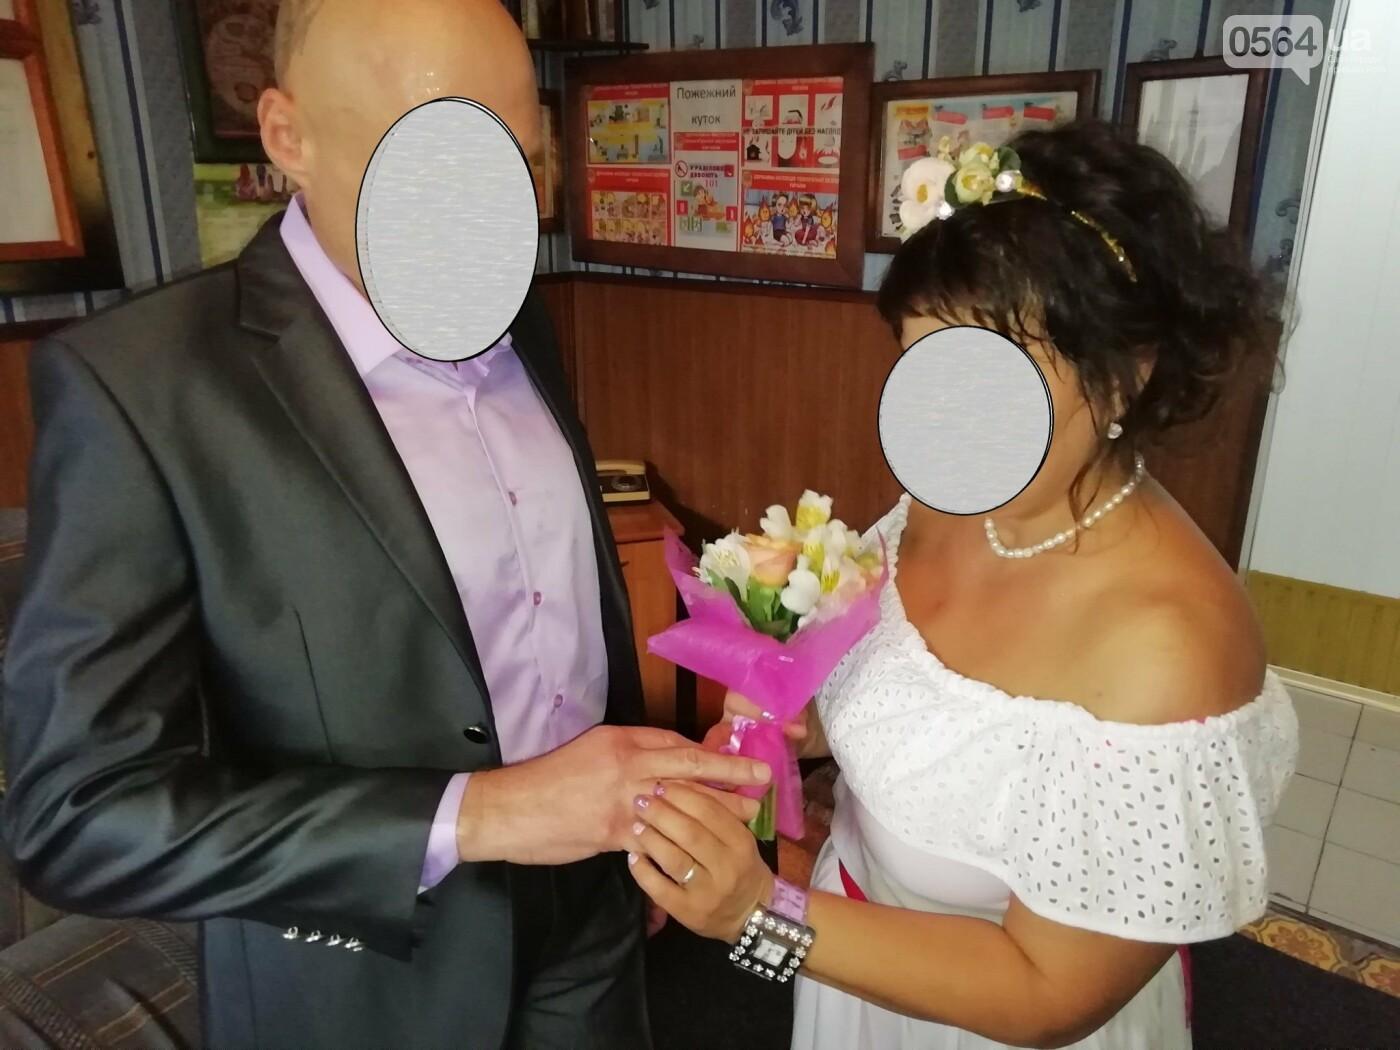 В криворожской колонии официально скрепили союз двух любящих сердец, - ФОТО, фото-1